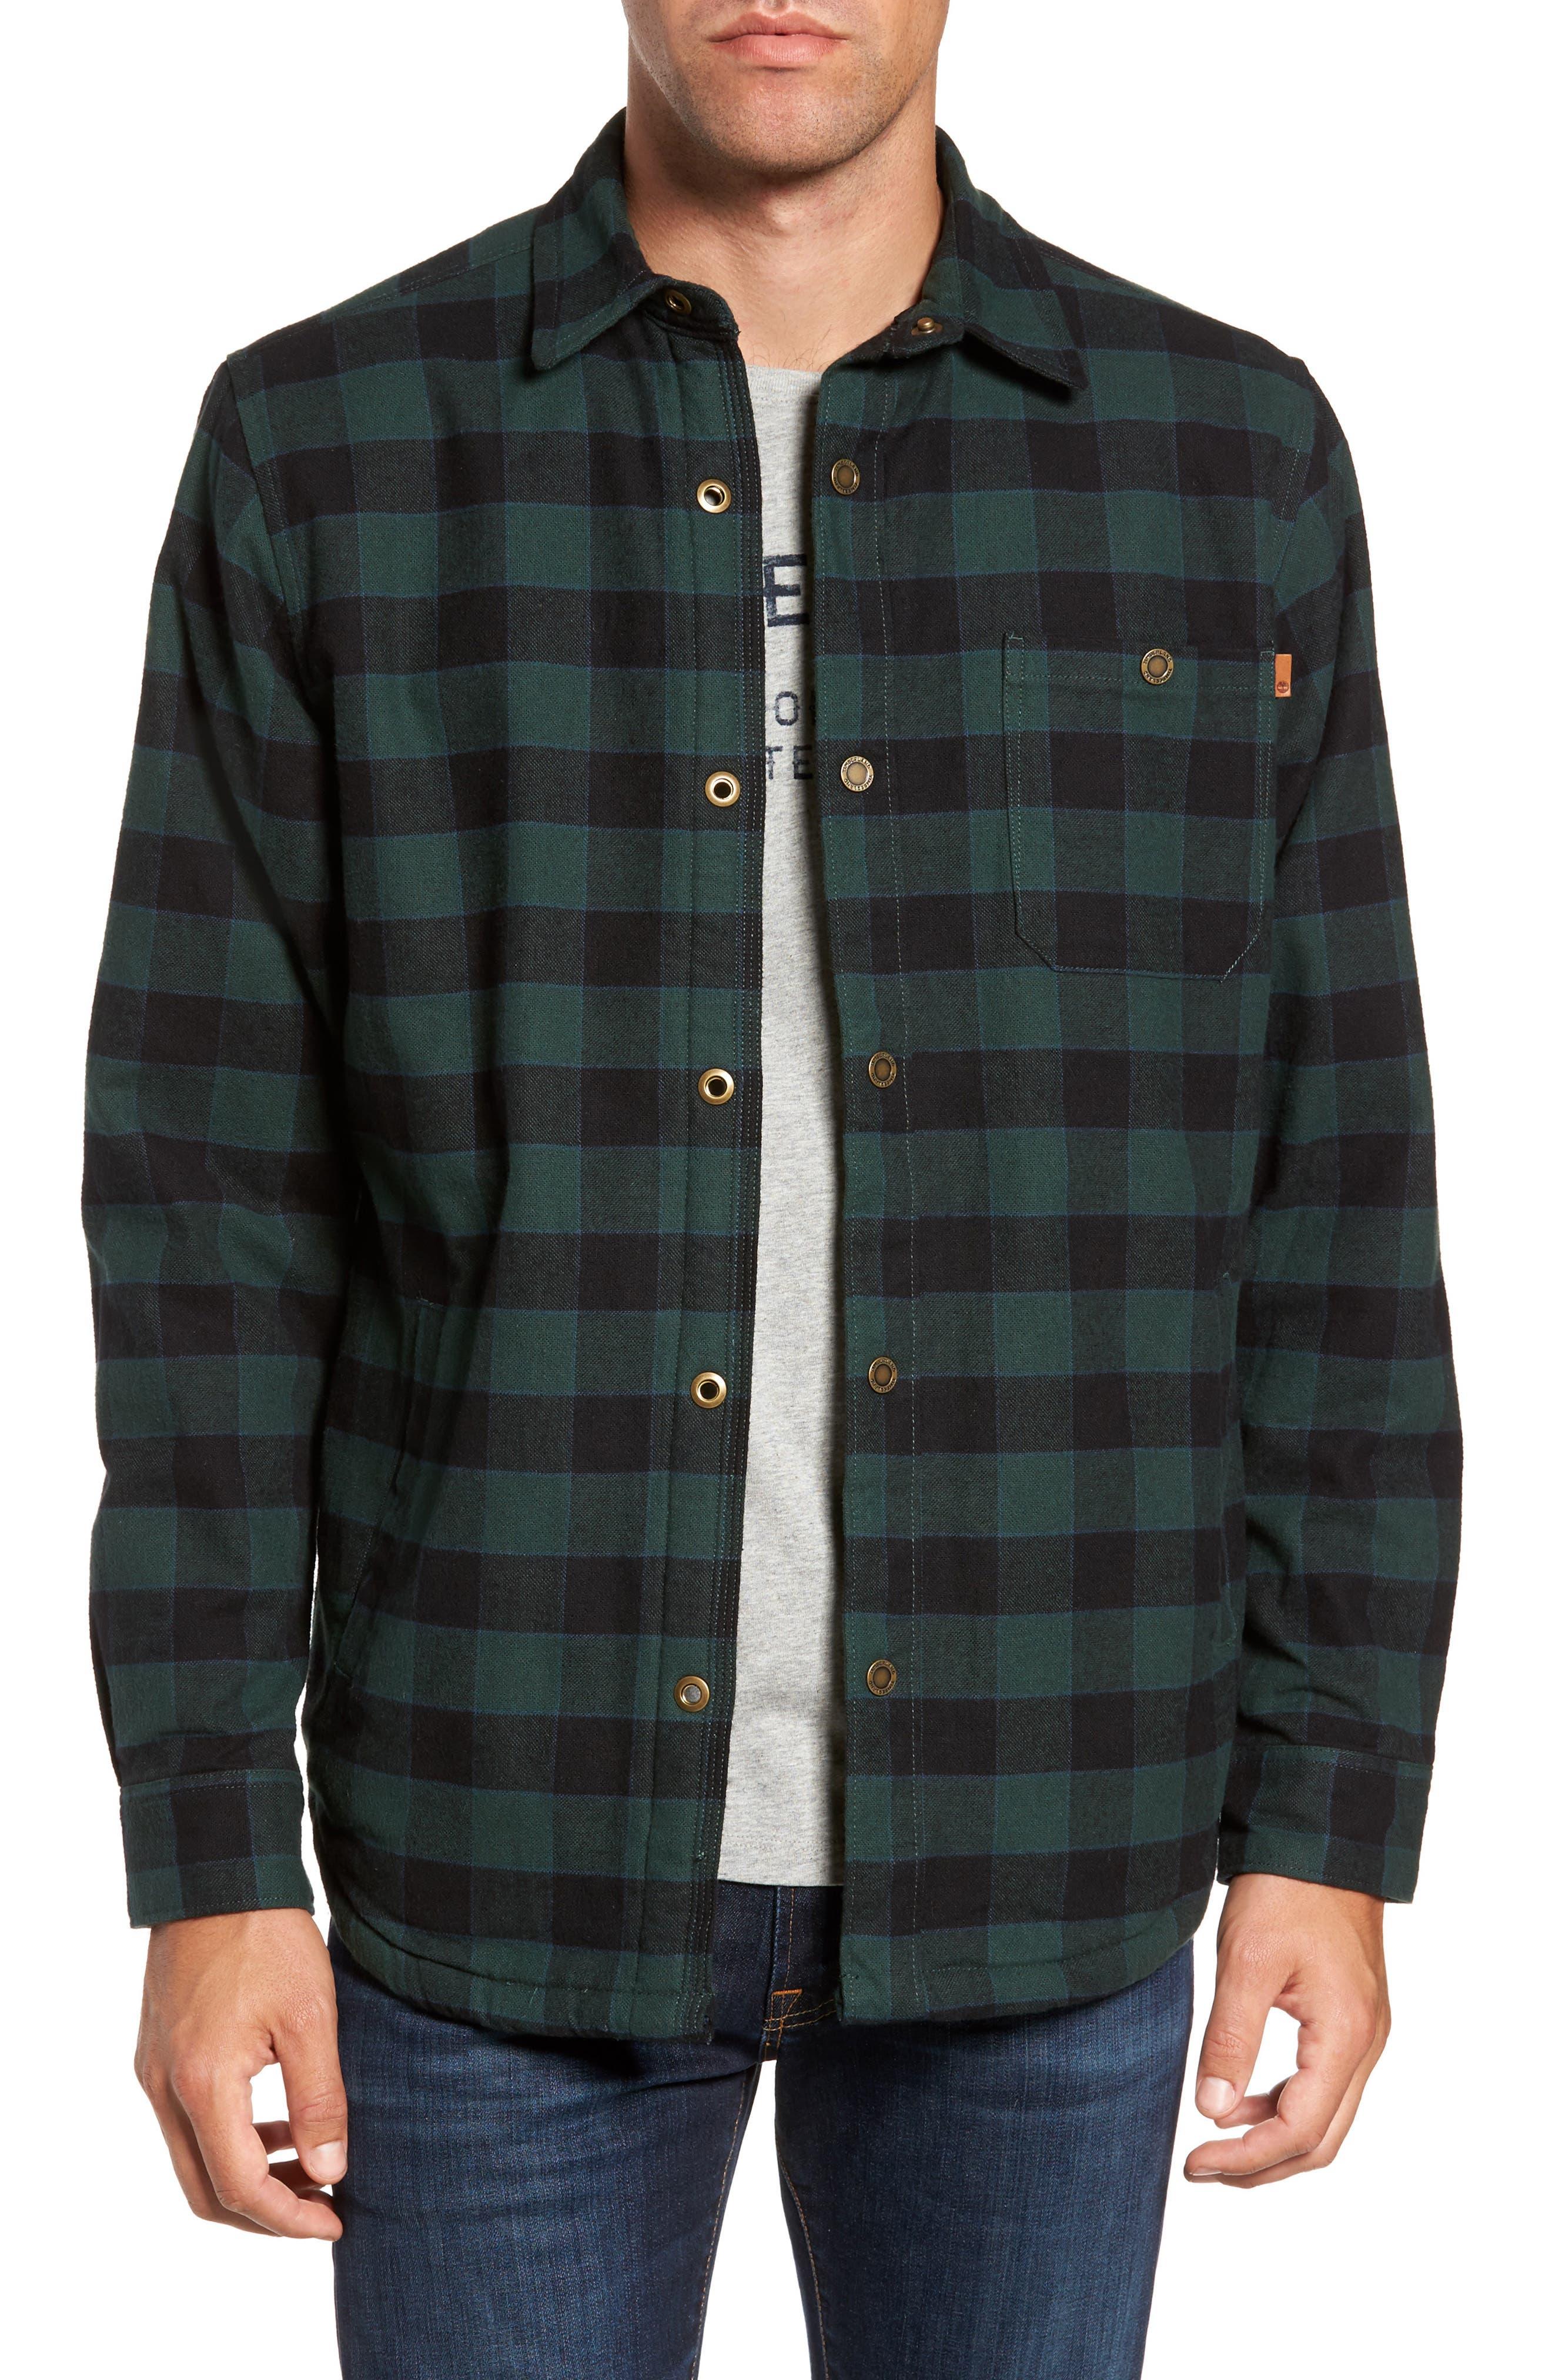 Check Shirt Jacket with Faux Shearling Lining,                             Main thumbnail 1, color,                             301